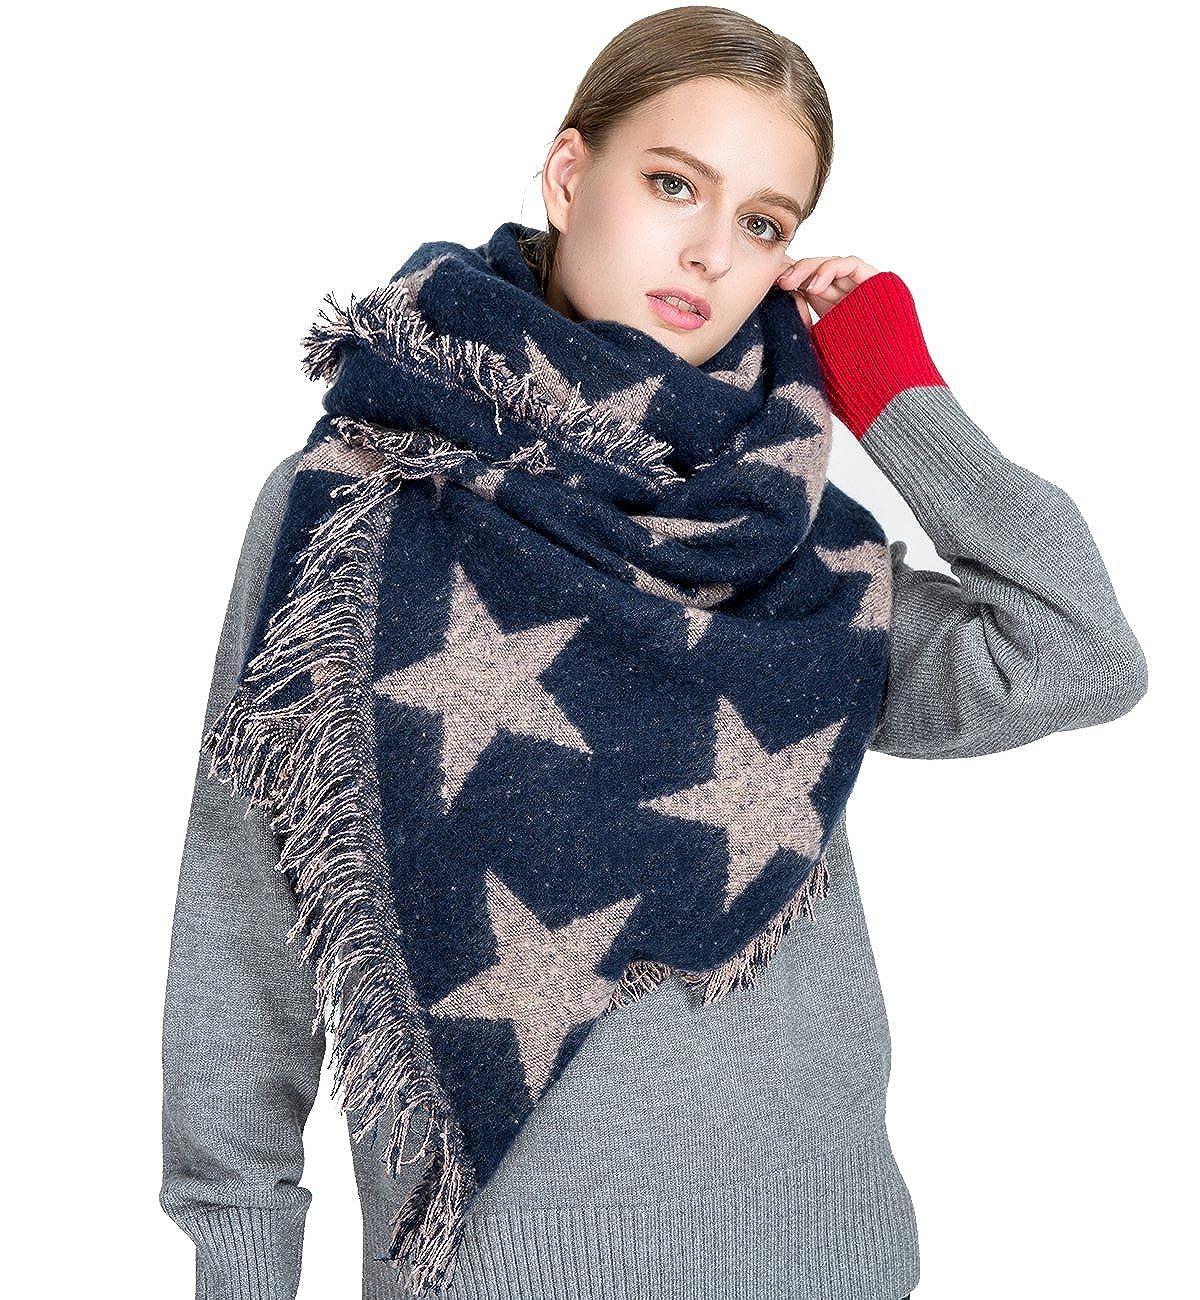 Superora Bufanda Mujer de Invierno Chal Manta Fular Caliente Estrellas Largas Cachemira